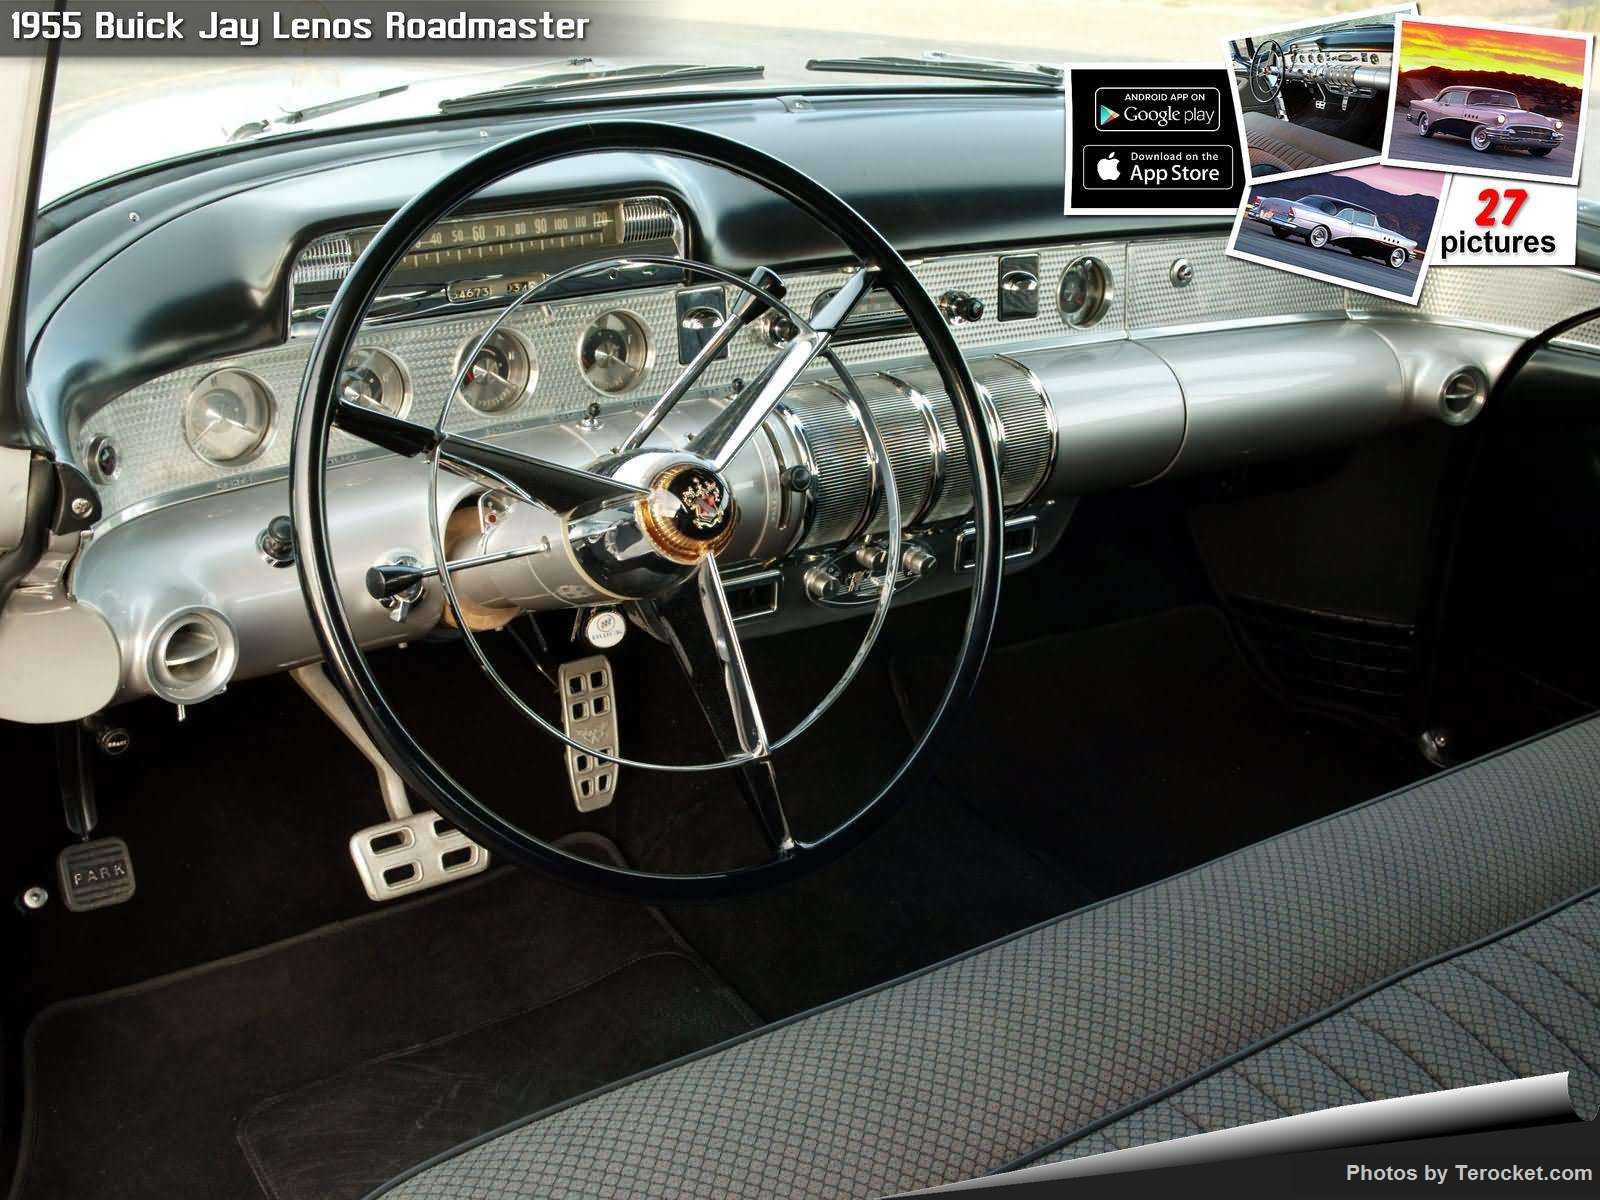 Hình ảnh xe ô tô Buick Jay Lenos Roadmaster 1955 & nội ngoại thất